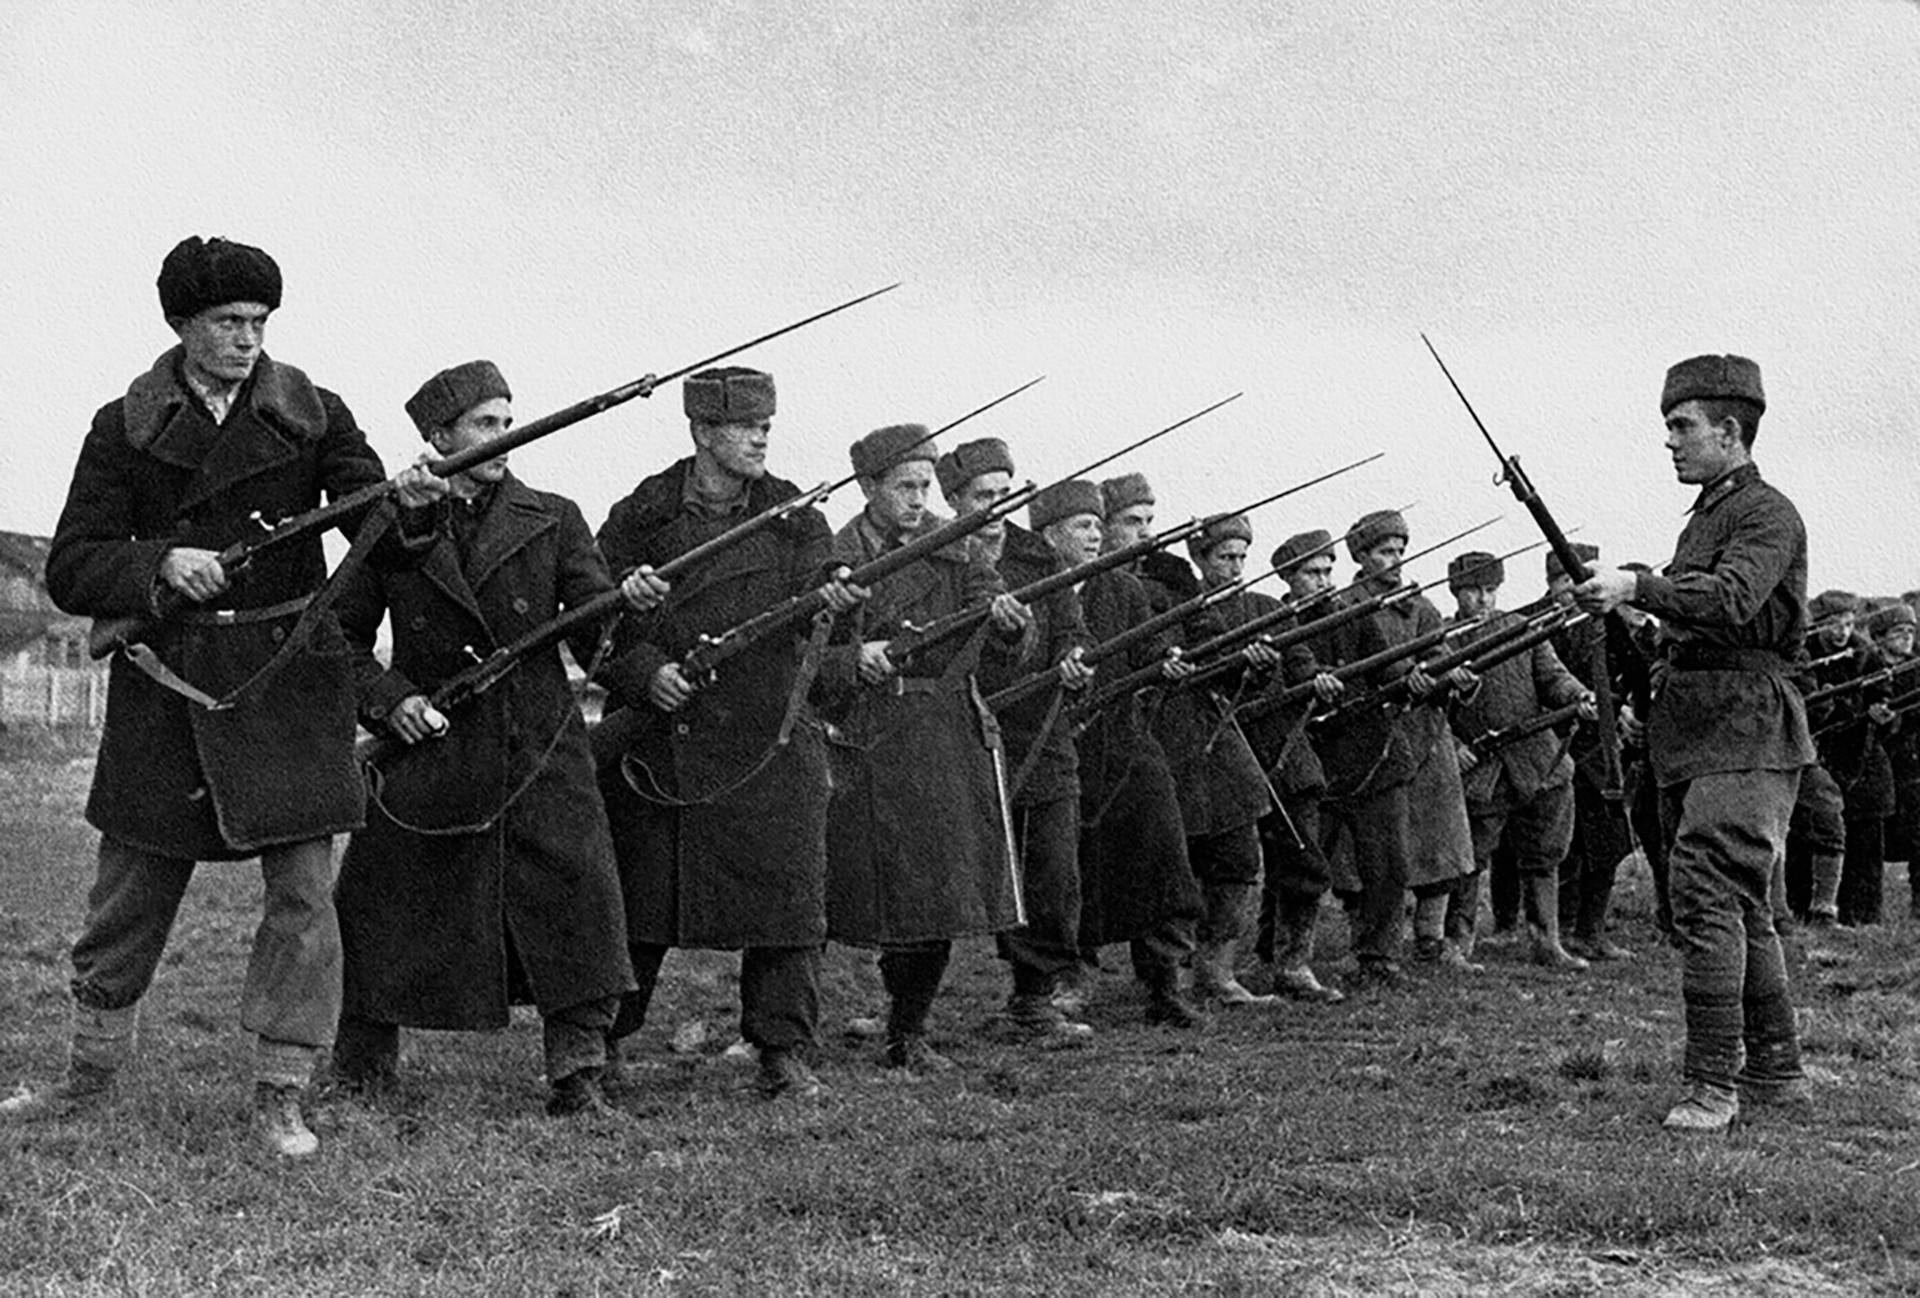 Dobrovoljci. Uvježbavanje borbe bajunetama u Prvom bataljunu 1. Moskovske komunističke pukovnije.